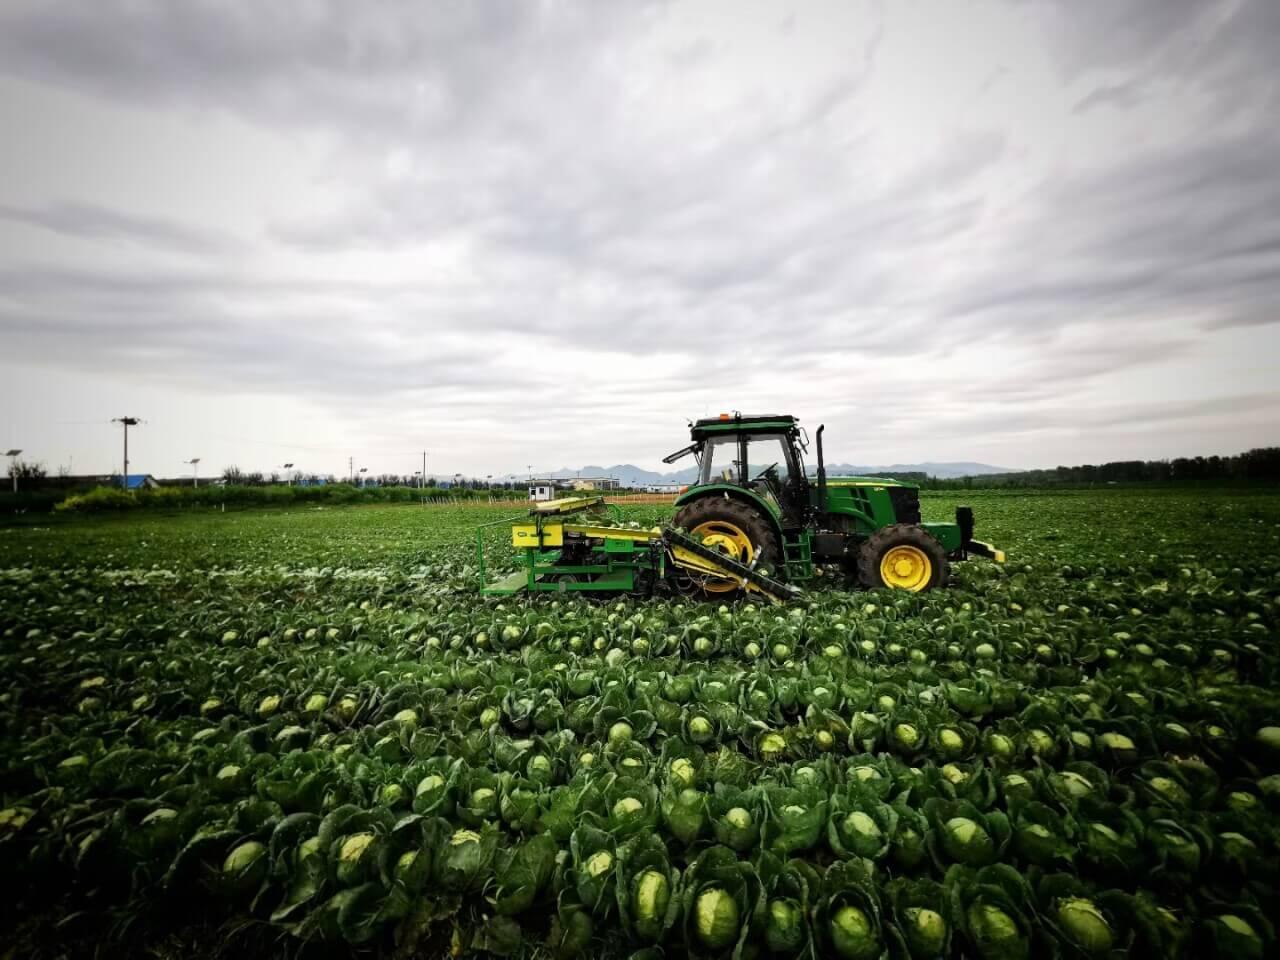 独家首发丨深度赋能智慧农机应用,「中科原动力」宣布完成数千万元A轮融资